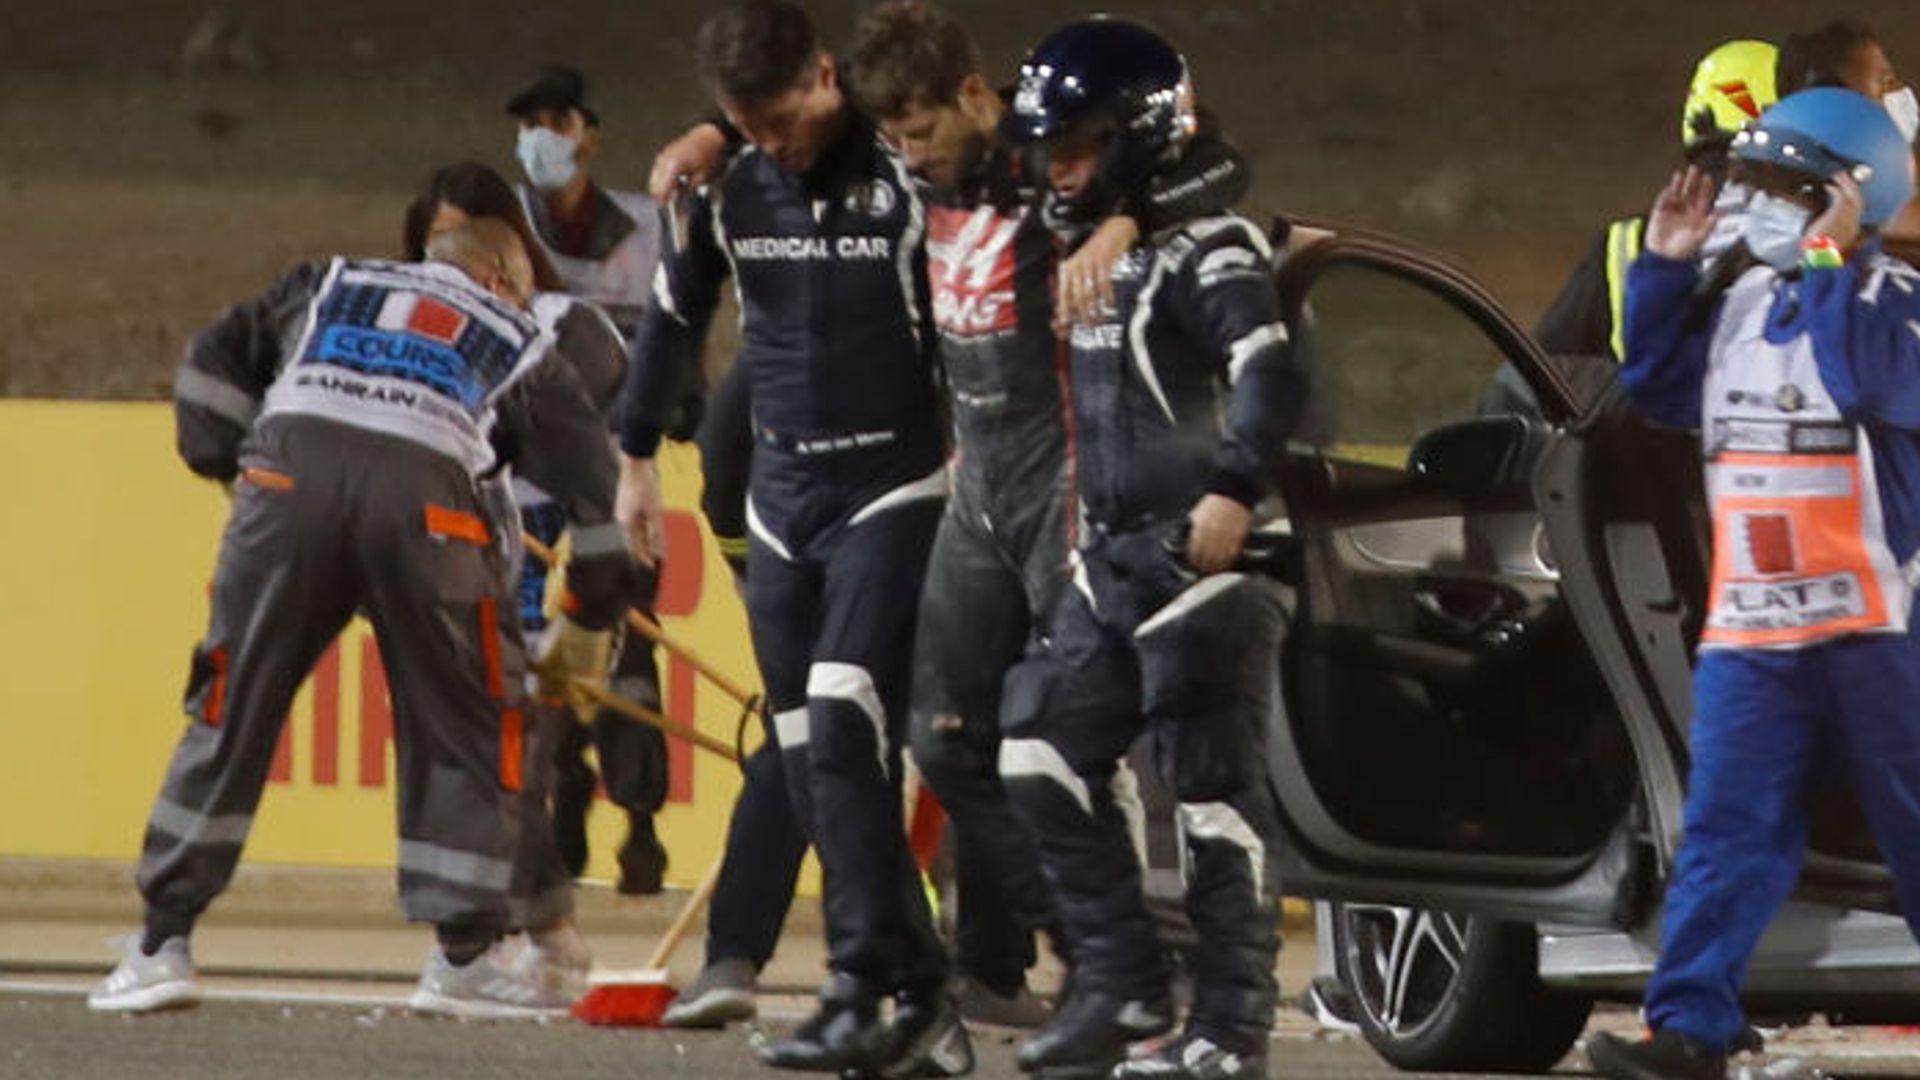 Bahrain GP restarts after Grosjean's huge crash and fire LIVE!